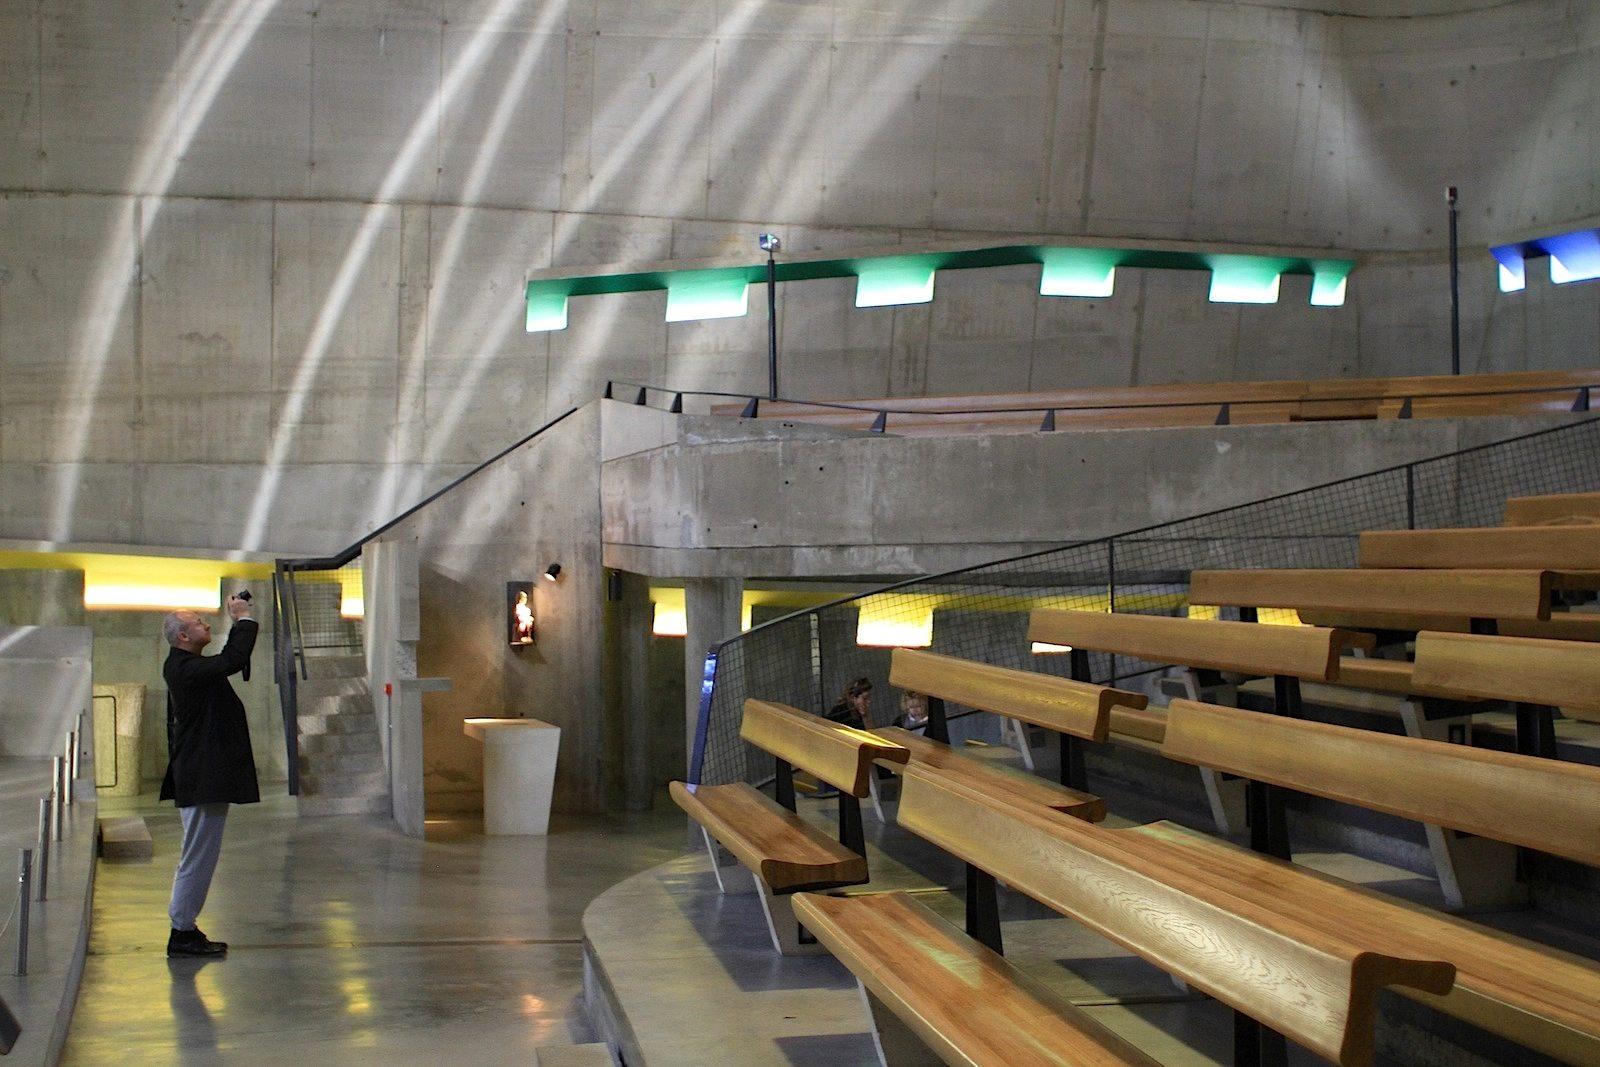 L'église Saint-Pierre.  Der für die Fertigstellung der Kirche verantwortliche Architekt und ehemalige Assistent von Le Corbusier, José Oubrerie, und weitere Verantwortliche der Denkmalpflege erklärten, dass der Bau trotz Konzessionen an die heutigen Bedingungen (Brandschutz, Sicherheitsvorschriften bei Notausgängen, Abflachung der Eingangsrampe für Behinderte, der Einbau eines Fahrstuhls) werkgetreu sei.